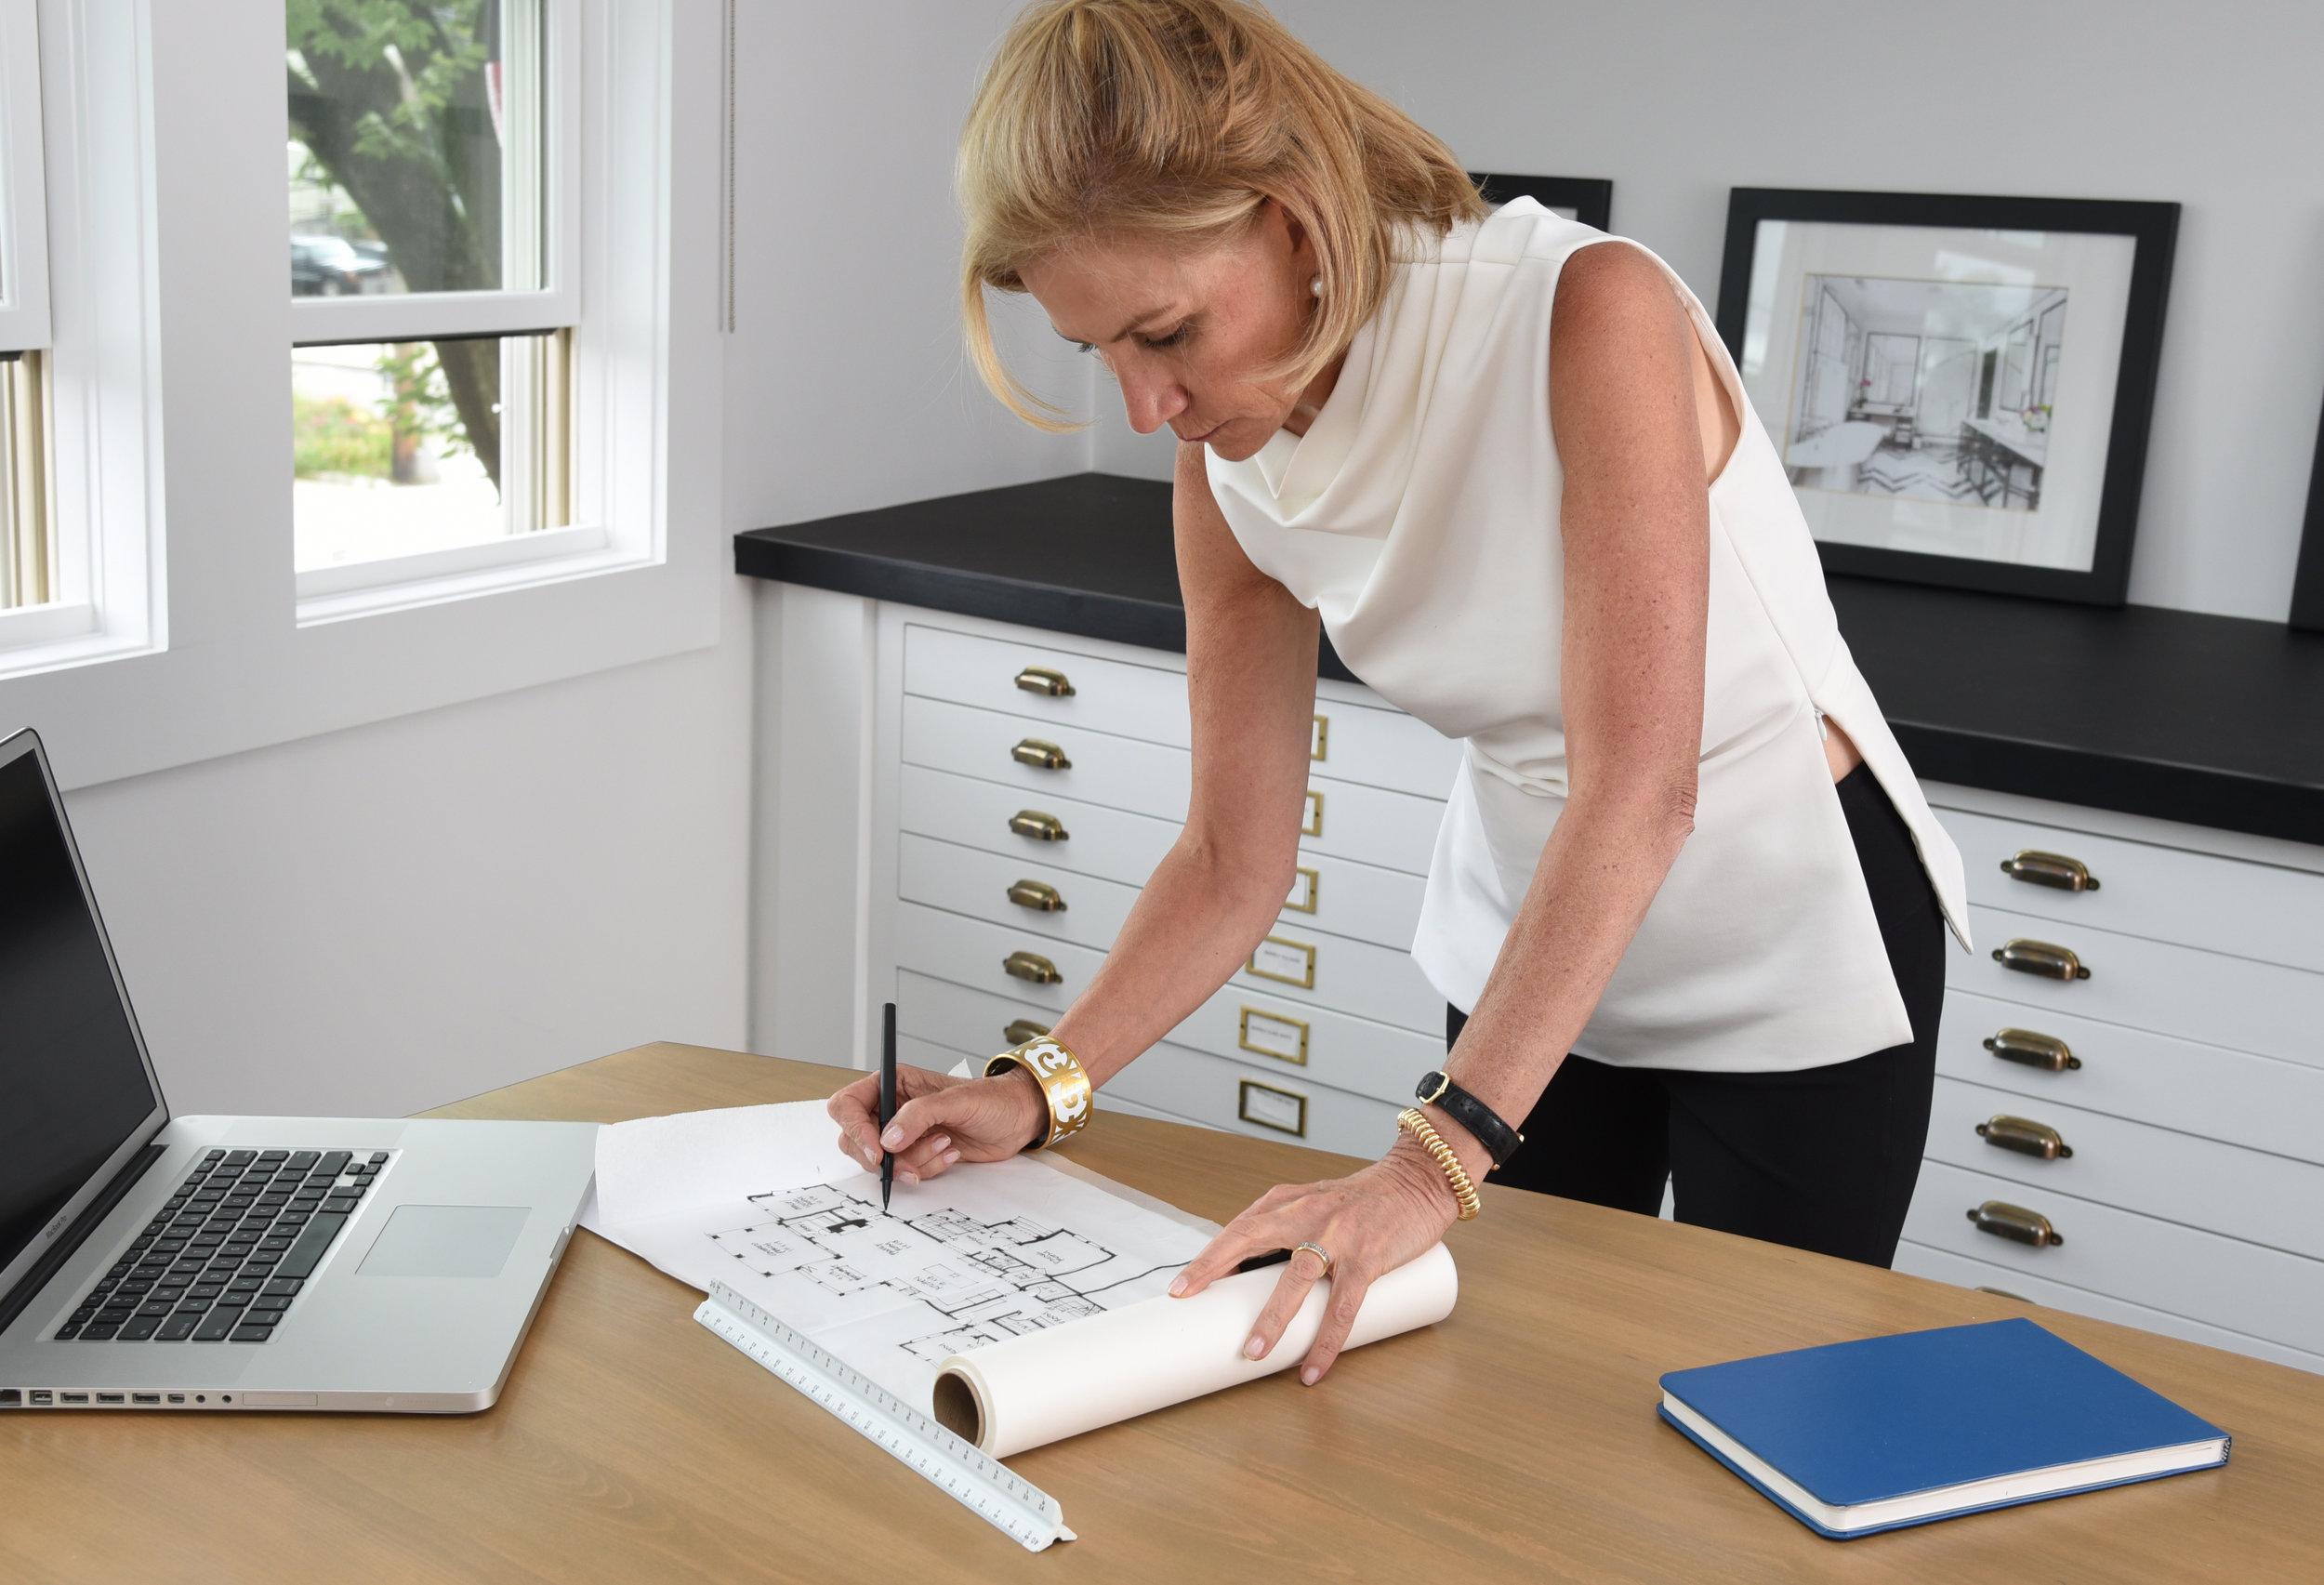 Susan Alisberg Sketching a Floor Plan